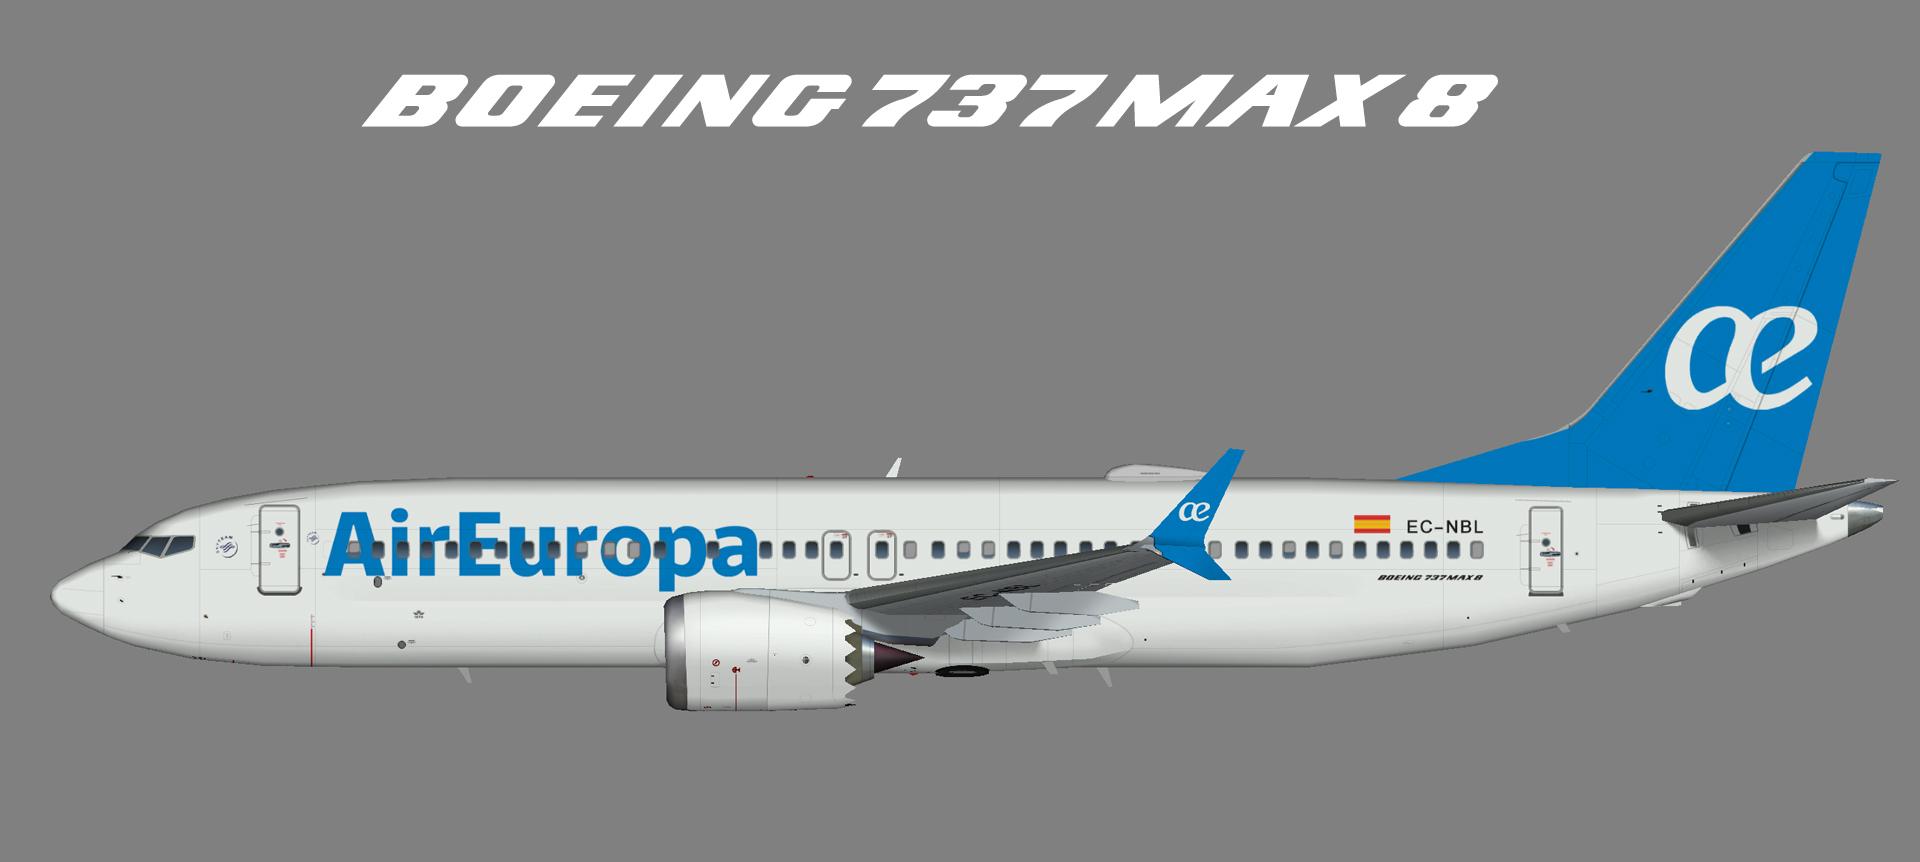 Air Europa Boeing 737 MAX 8